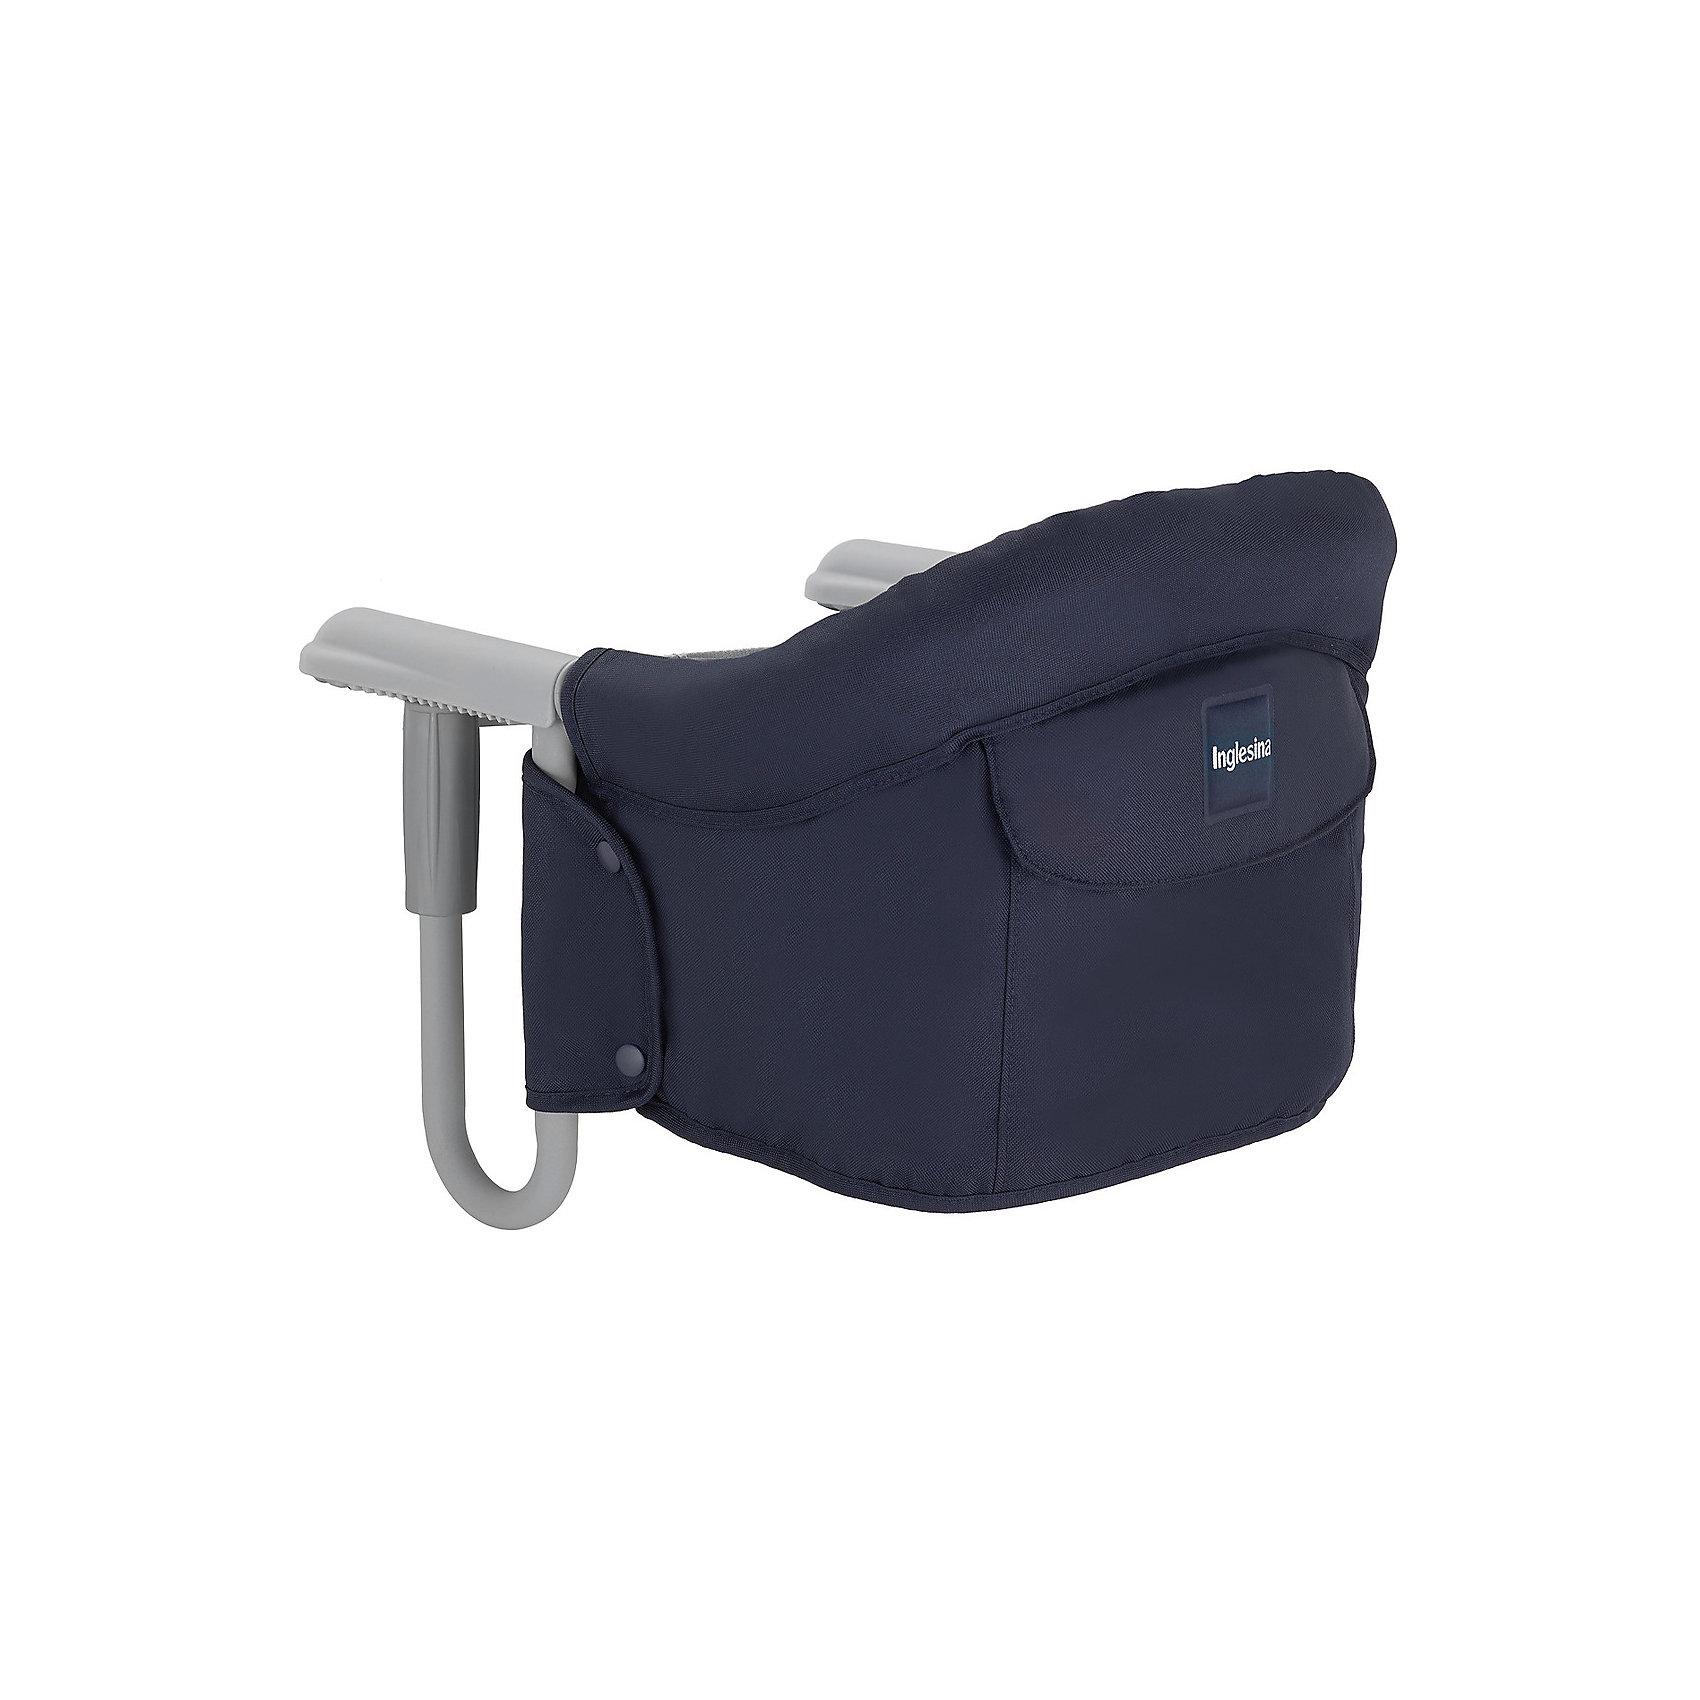 Подвесной стульчик для кормления FAST, Inglesina, тёмно-синийХарактеристики:<br><br>• Вид детской мебели: стульчик подвесной<br>• Пол: для мальчика<br>• Материал: металл, текстиль<br>• Съемная конструкция<br>• Надежные крепления <br>• Наличие 3-х точечных ремней безопасности<br>• Наличие кармашка для мелочей<br>• Наличие сумки для переноски<br>• Максимально допустимый вес: до 15 кг<br>• Размеры стульчика в собранном виде (Д*Ш*В): 28*35*40 см<br>• Размеры упаковки (Д*Ш*В): 38*40*43,5 см<br>• Вес в упаковке: 3 кг <br>• Текстильный чехол сидения можно стирать <br><br>Подвесной стульчик для кормления FAST, Inglesina, темно-синий – стульчик, предназначенный для детей, которые умеют сидеть. Стульчик имеет подвесную конструкцию, которая надежно крепится к столу. Каркас выполнен из прочного металла, сиденье – из текстиля, который можно стирать. При небольших габаритах и легком весе стульчик выдерживает вес ребенка до 15 кг. Подвесной стульчик для кормления FAST, Inglesina, темно-синий – не только идеальный вариант для малогабаритных квартир, но и для дальних поездок или для дачи.<br><br>Подвесной стульчик для кормления FAST, Inglesina, темно-синий можно купить в нашем интернет-магазине.<br><br>Ширина мм: 370<br>Глубина мм: 340<br>Высота мм: 110<br>Вес г: 236<br>Цвет: темно-синий<br>Возраст от месяцев: 6<br>Возраст до месяцев: 36<br>Пол: Унисекс<br>Возраст: Детский<br>SKU: 5122075